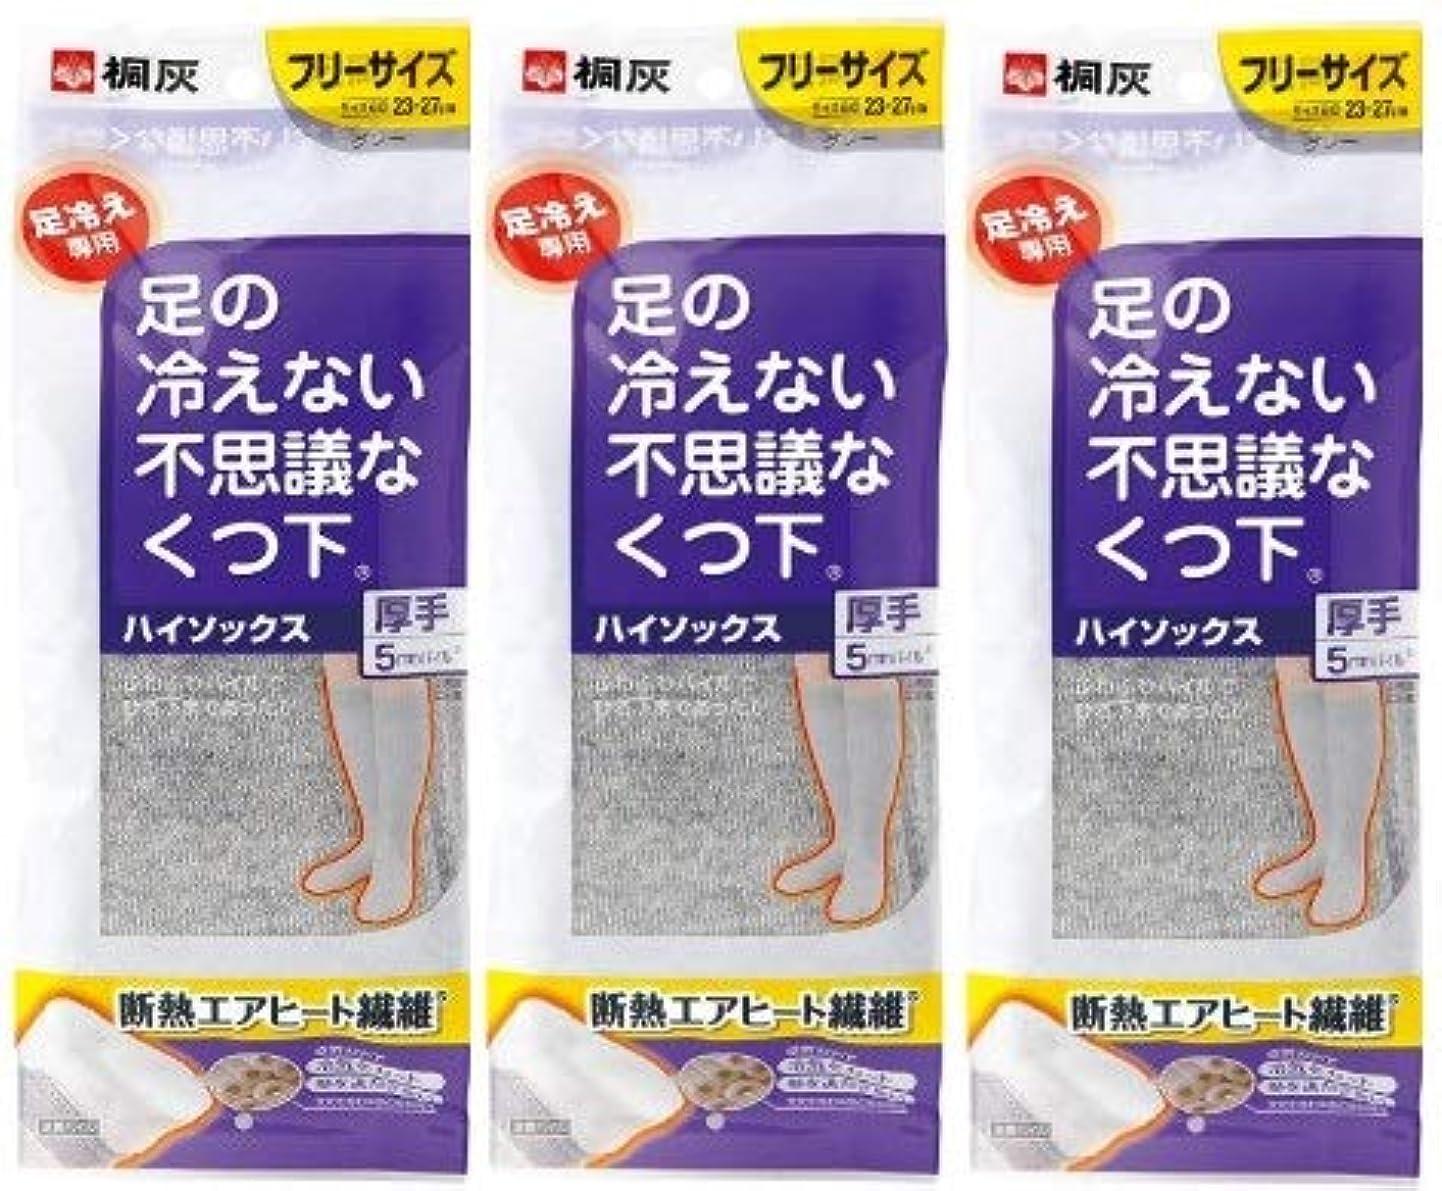 【まとめ買い】桐灰化学 足の冷えない不思議なくつ下 ハイソックス 厚手 足冷え専用 フリーサイズ グレー 1足分(2個入) ×3個セット